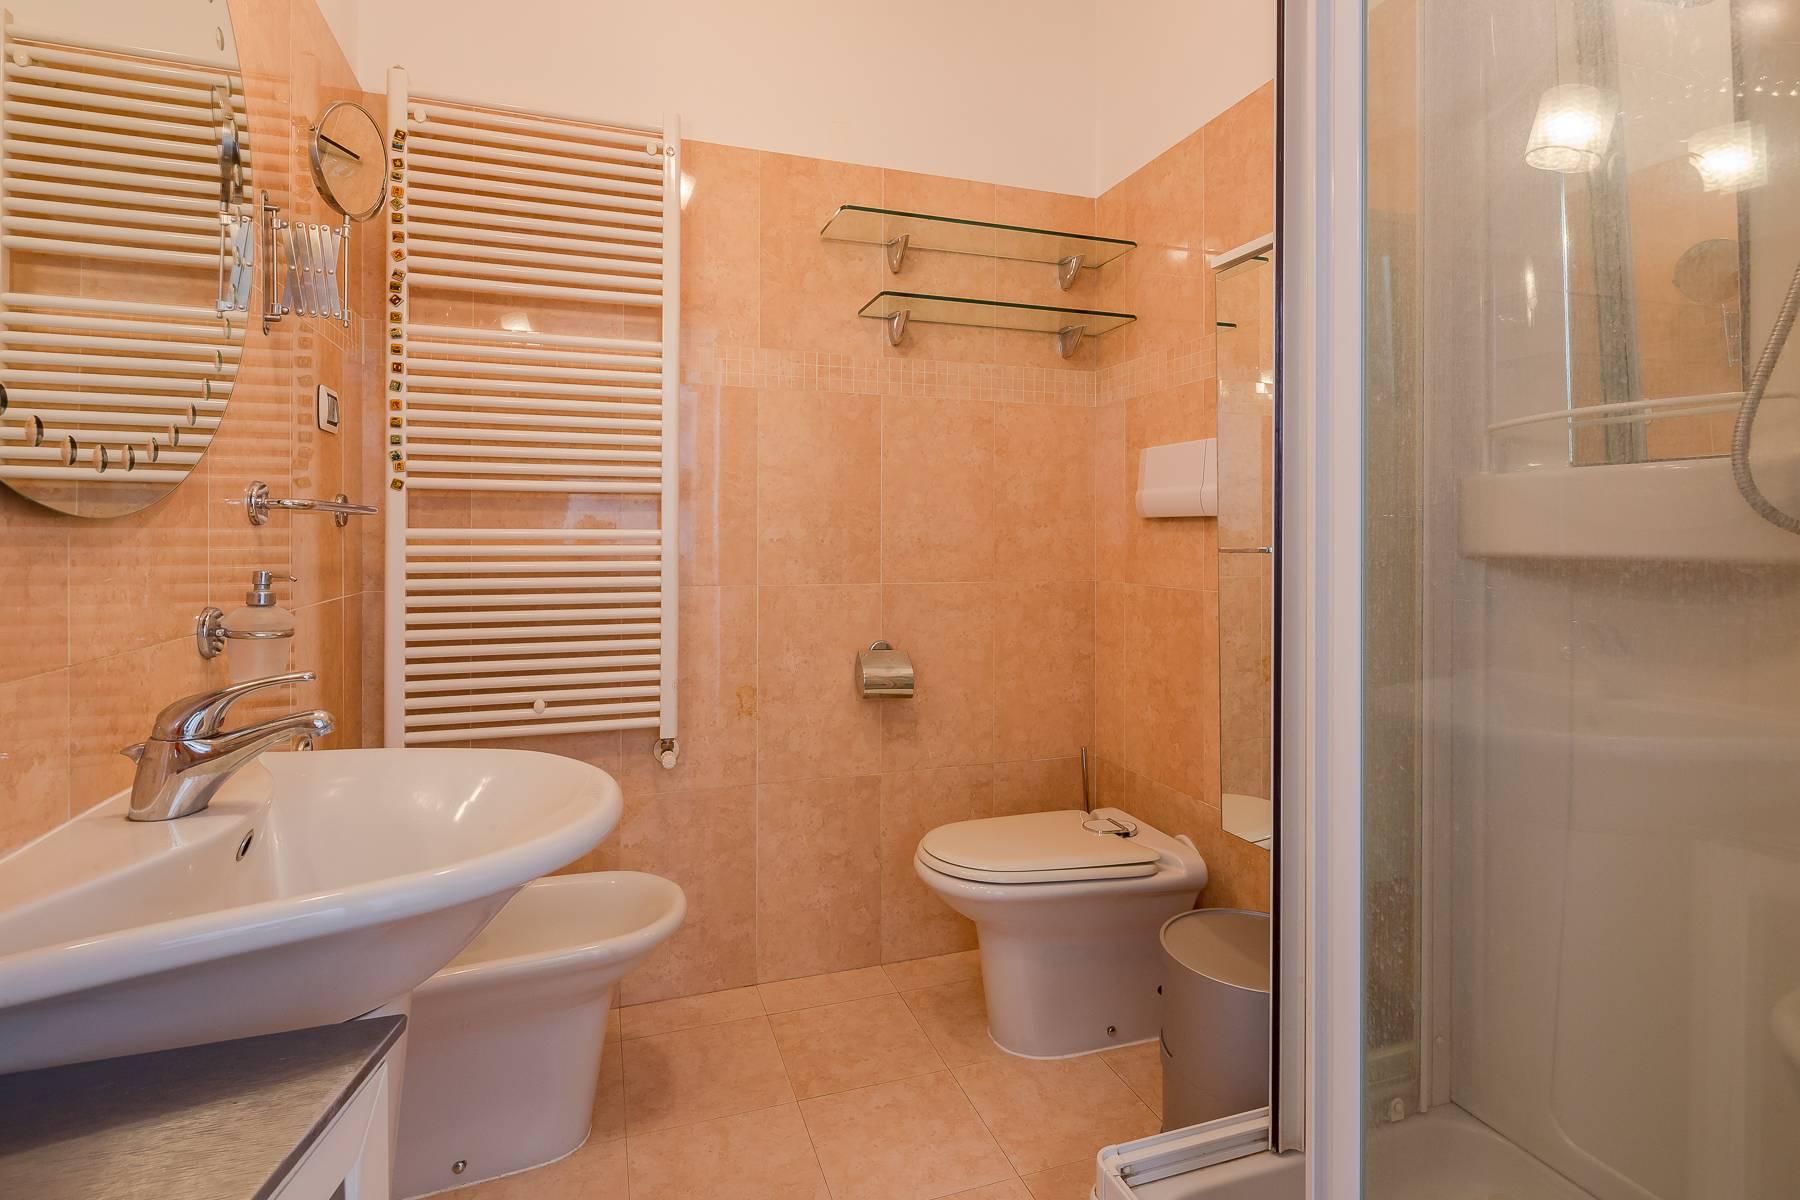 Appartamento in Vendita a Milano: 2 locali, 55 mq - Foto 10